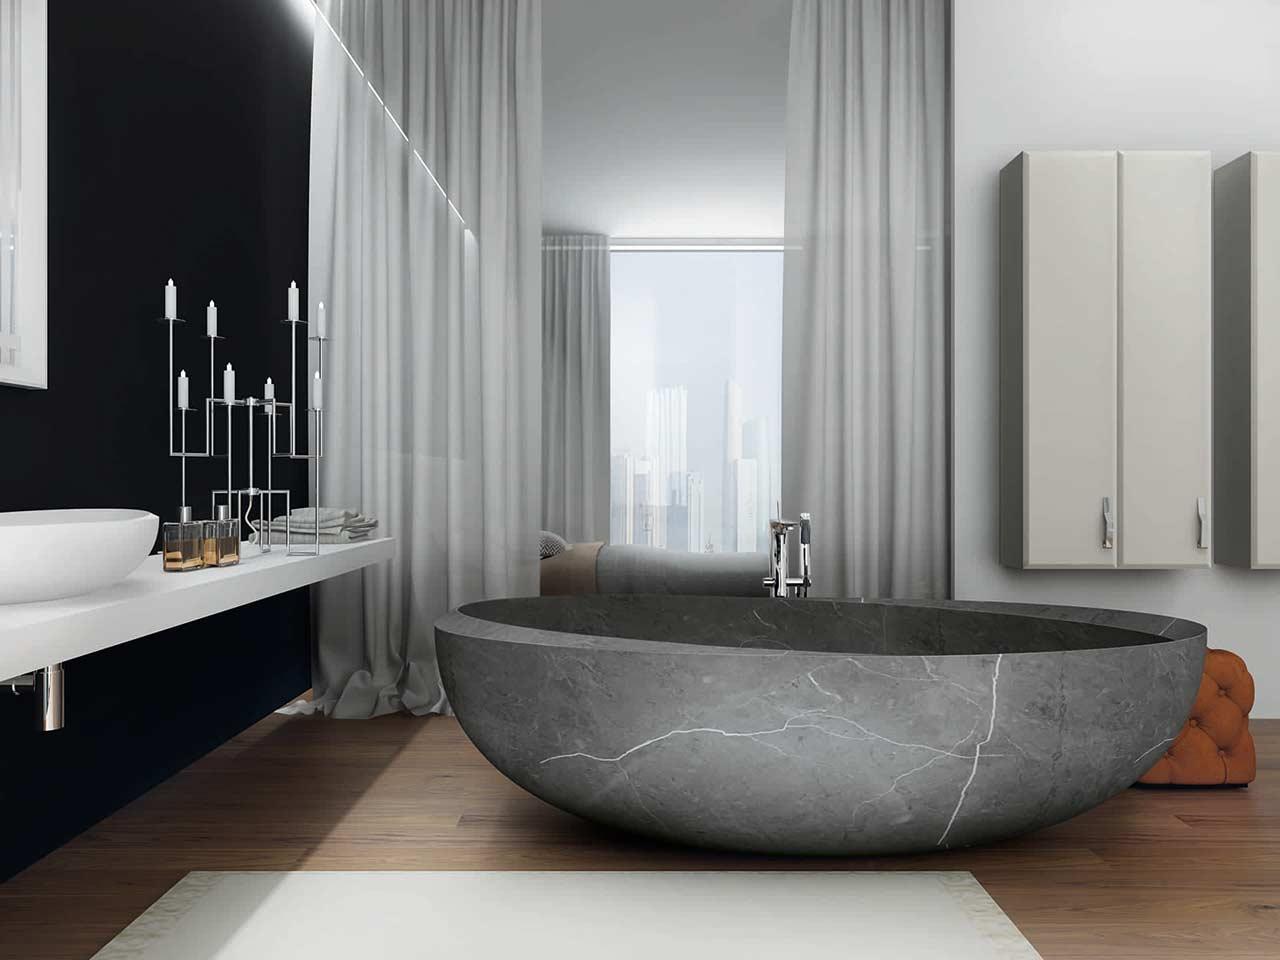 Vasche teuco - Vasche da bagno sovrapposte prezzi ...